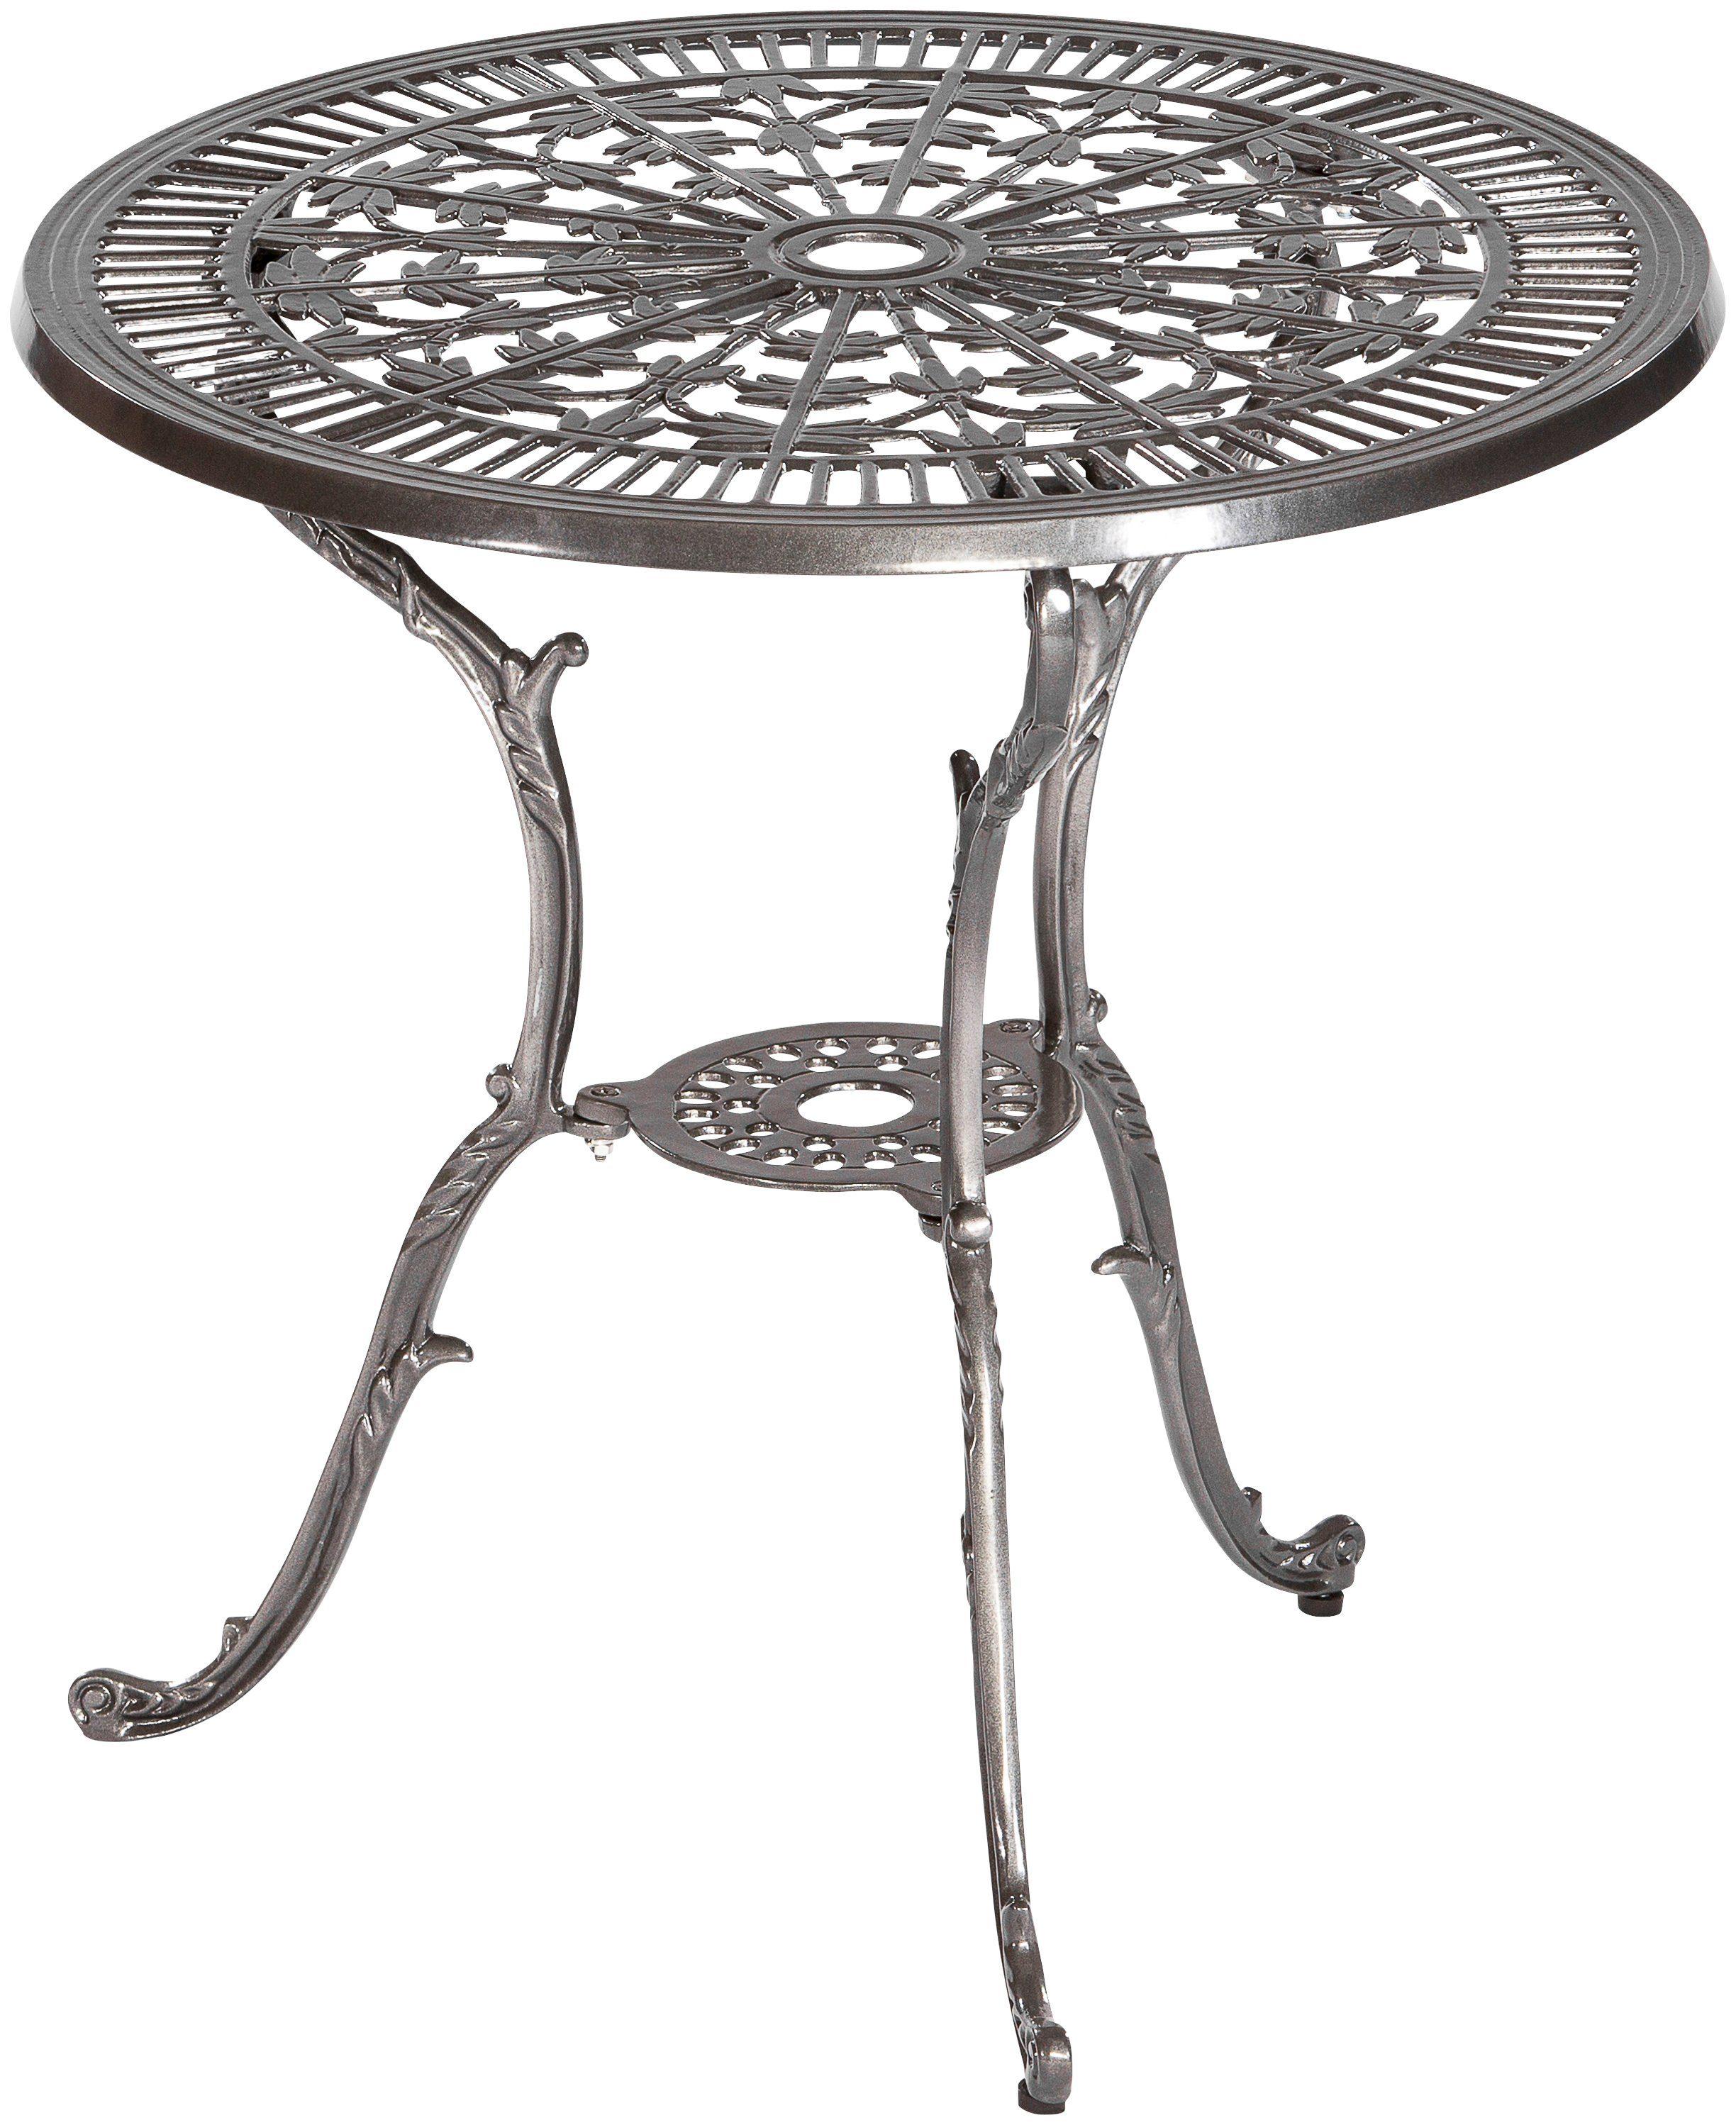 MERXX Gartentisch »Lugano«, Aluminium, Ø 70 cm, graphit